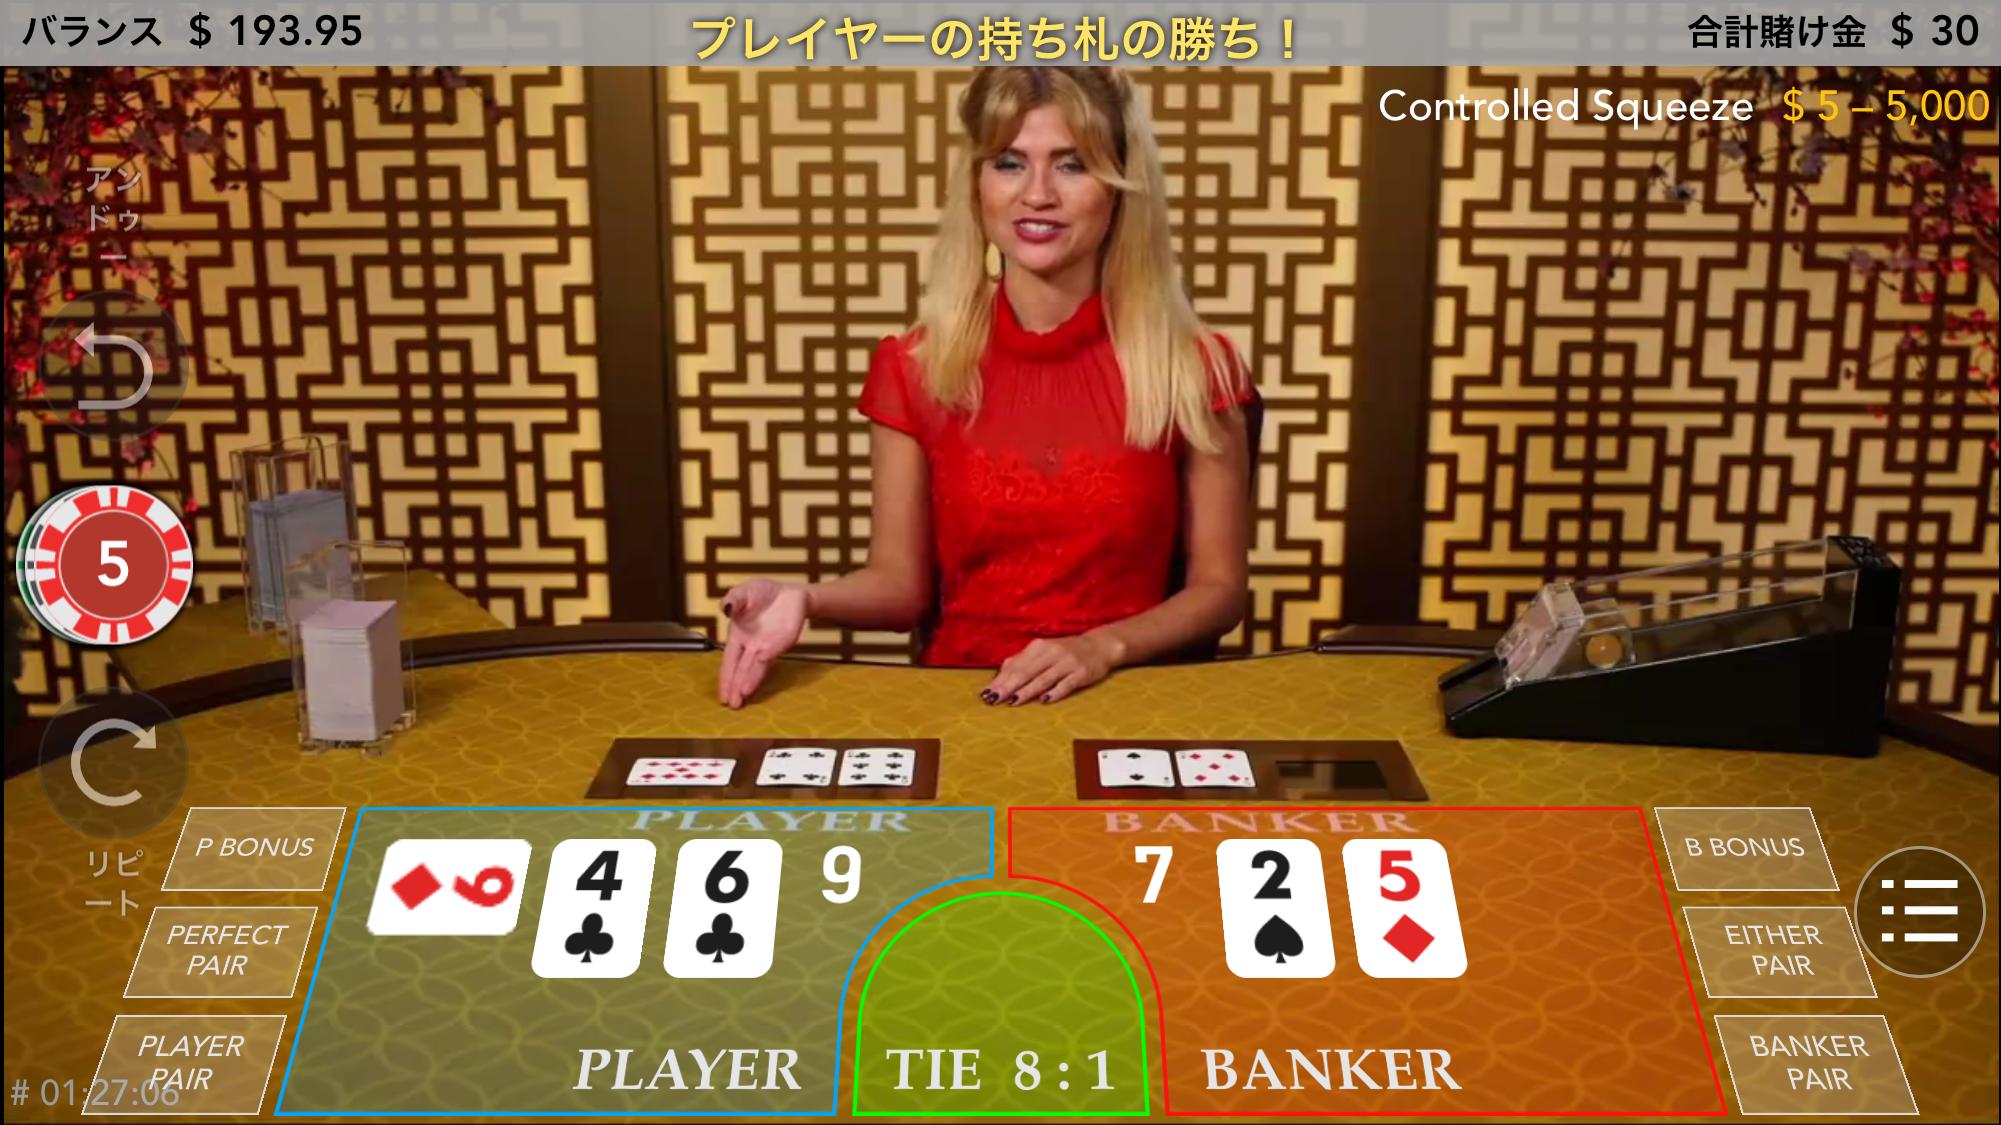 ベラジョンカジノライブバカラテーブル画面の写真